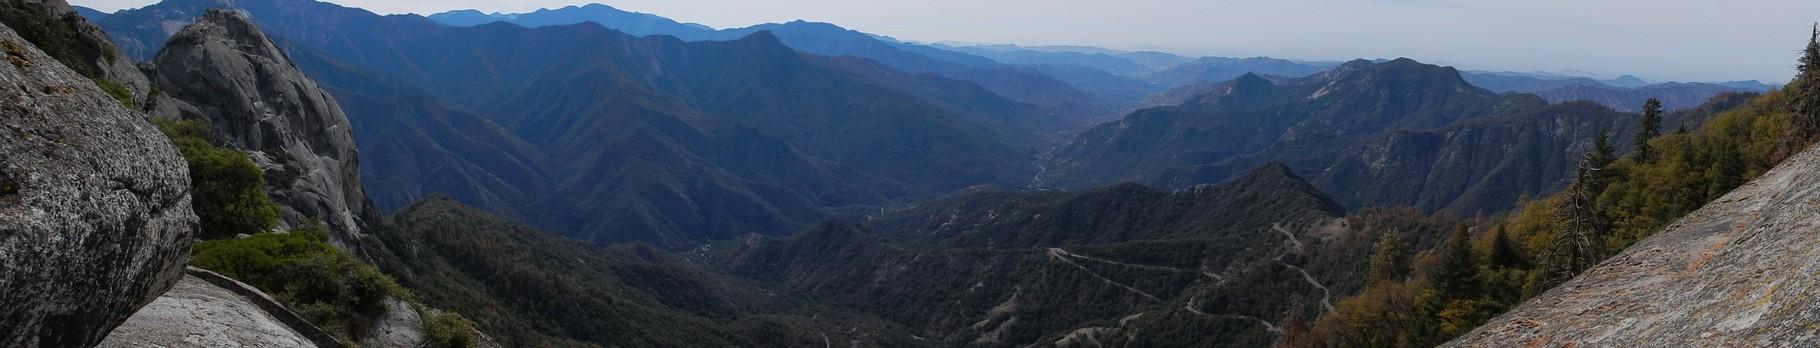 Aussicht auf die Sierra Nevada